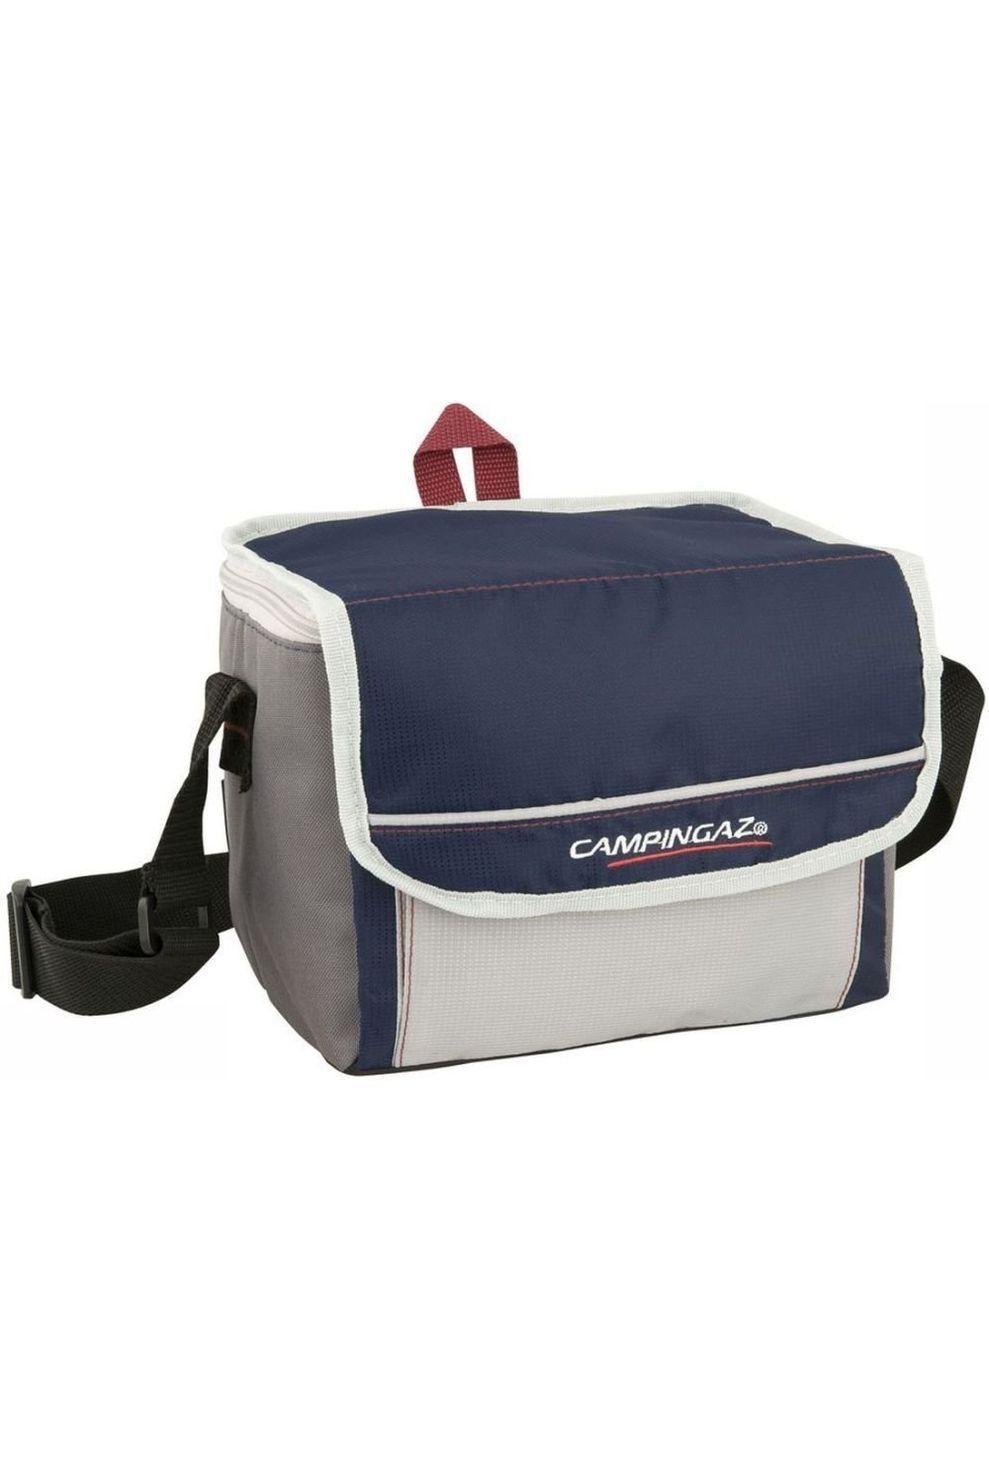 Campingaz Koeltas Fold'n Cool 5L - Blauw/Wit